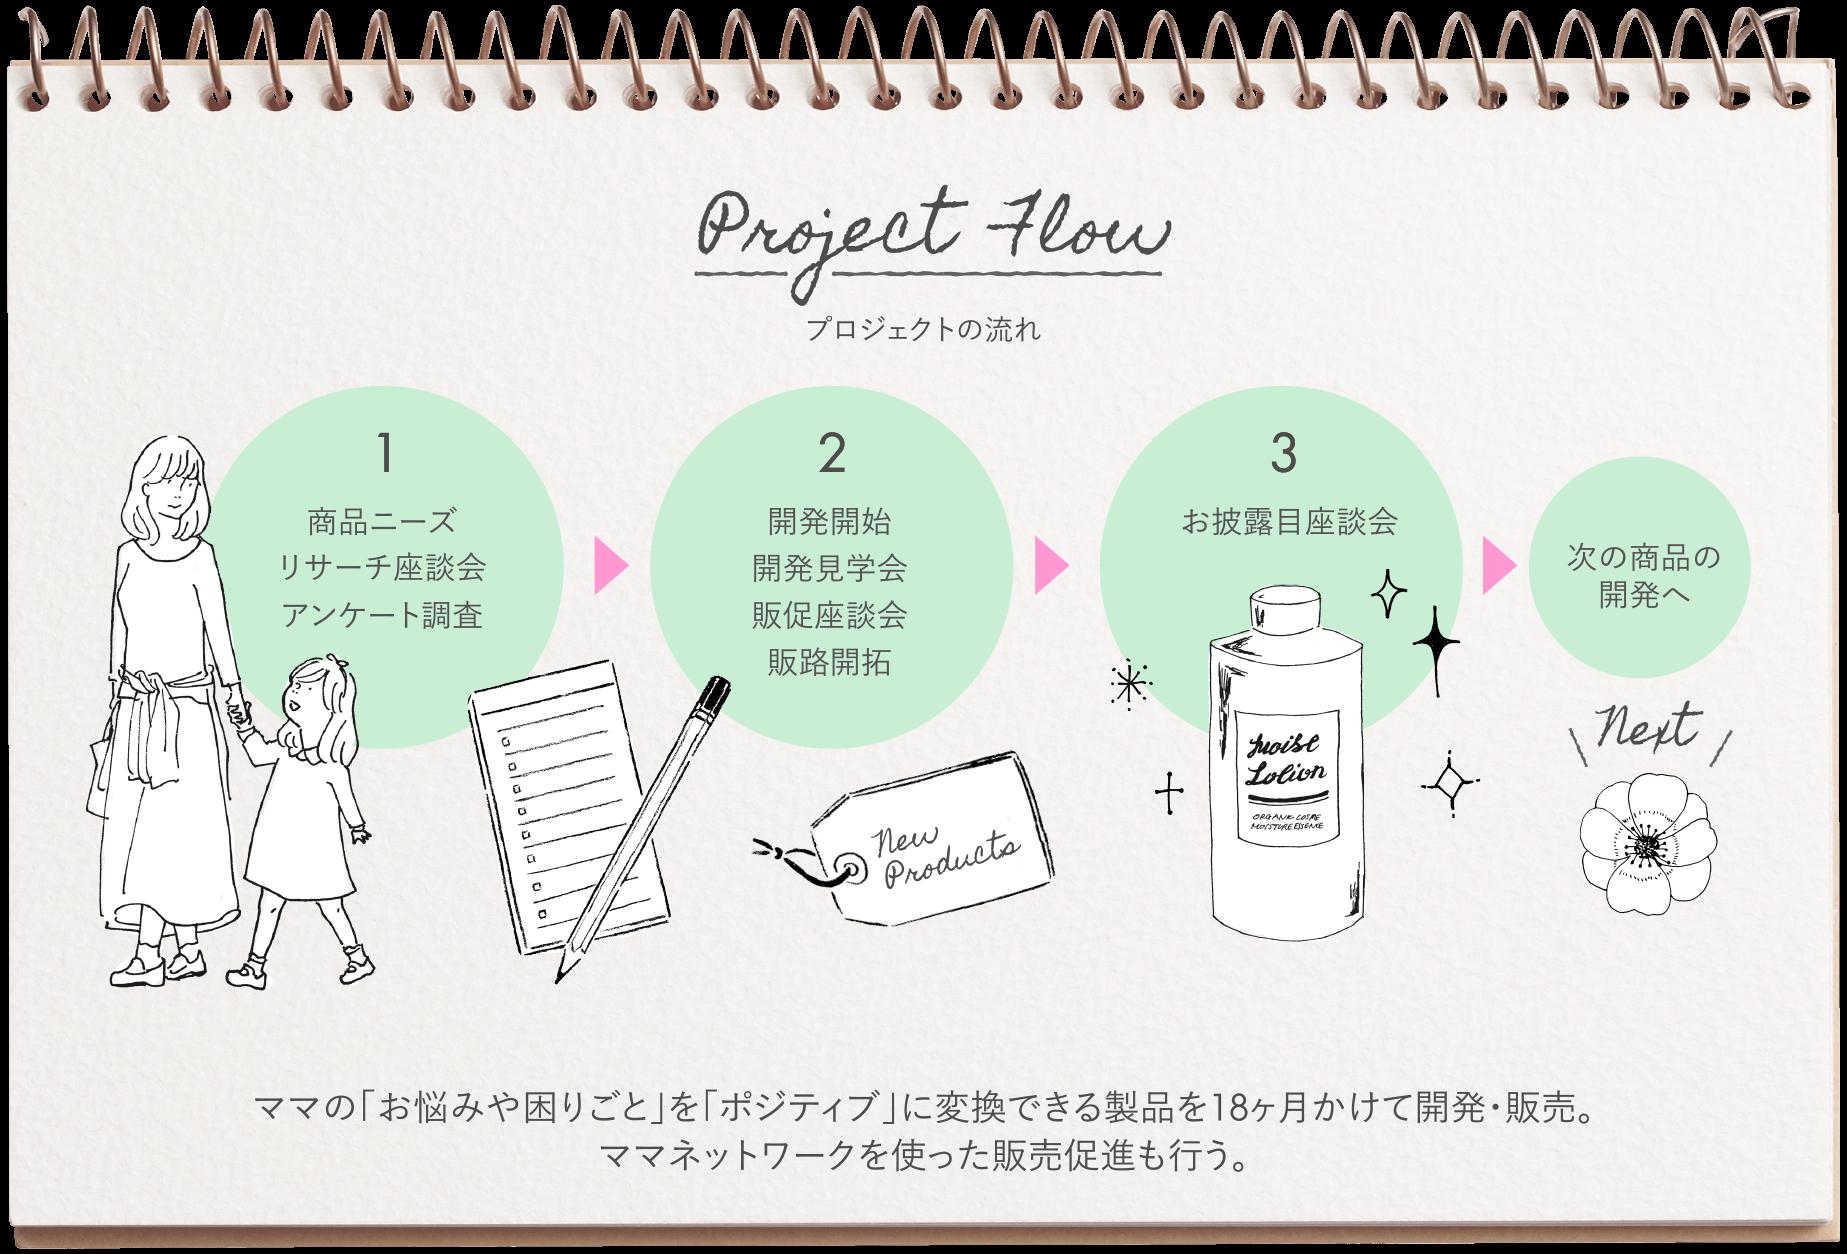 ママの「悩みや困りごと」を「ポジ変換」できる製品を 18カ月かけて開発・販売。 ママネットワークを使った販売促進も行う。